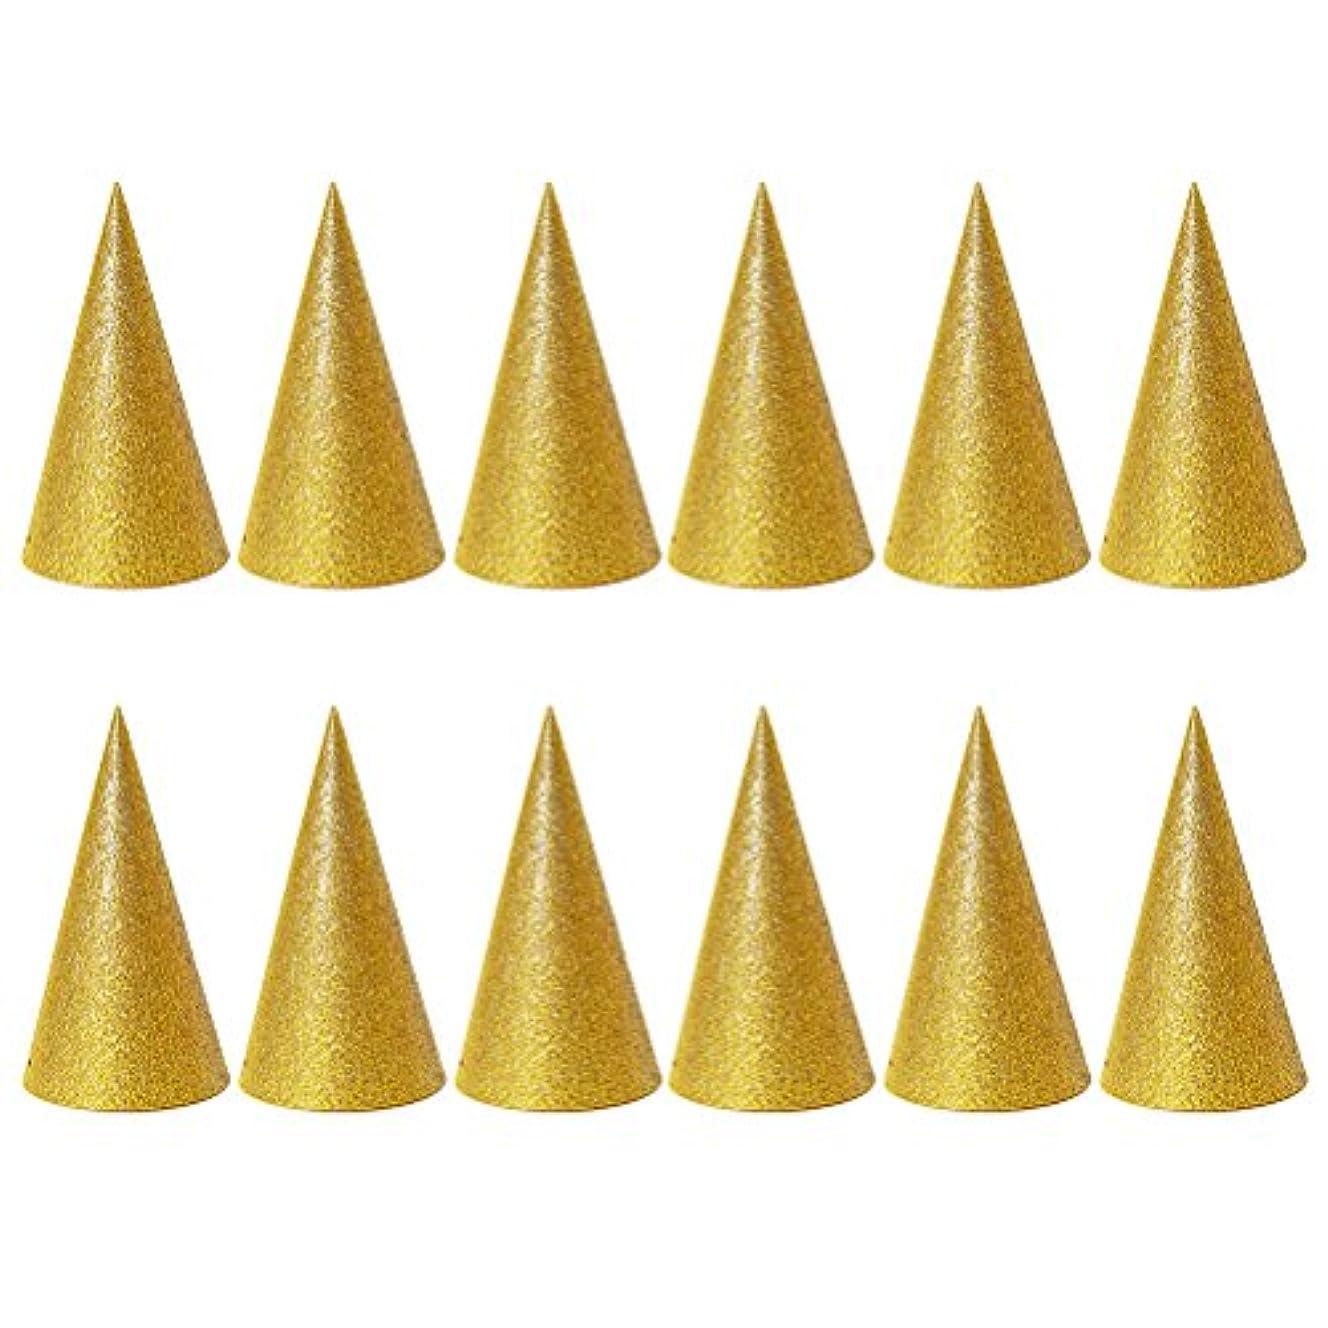 ディレクター回転させる待ってSUPVOX 子供と大人のパーティーのための12個のキラキラコーンパーティー帽子トライアングルバースデー帽子は装飾を飾ります(ゴールデン)